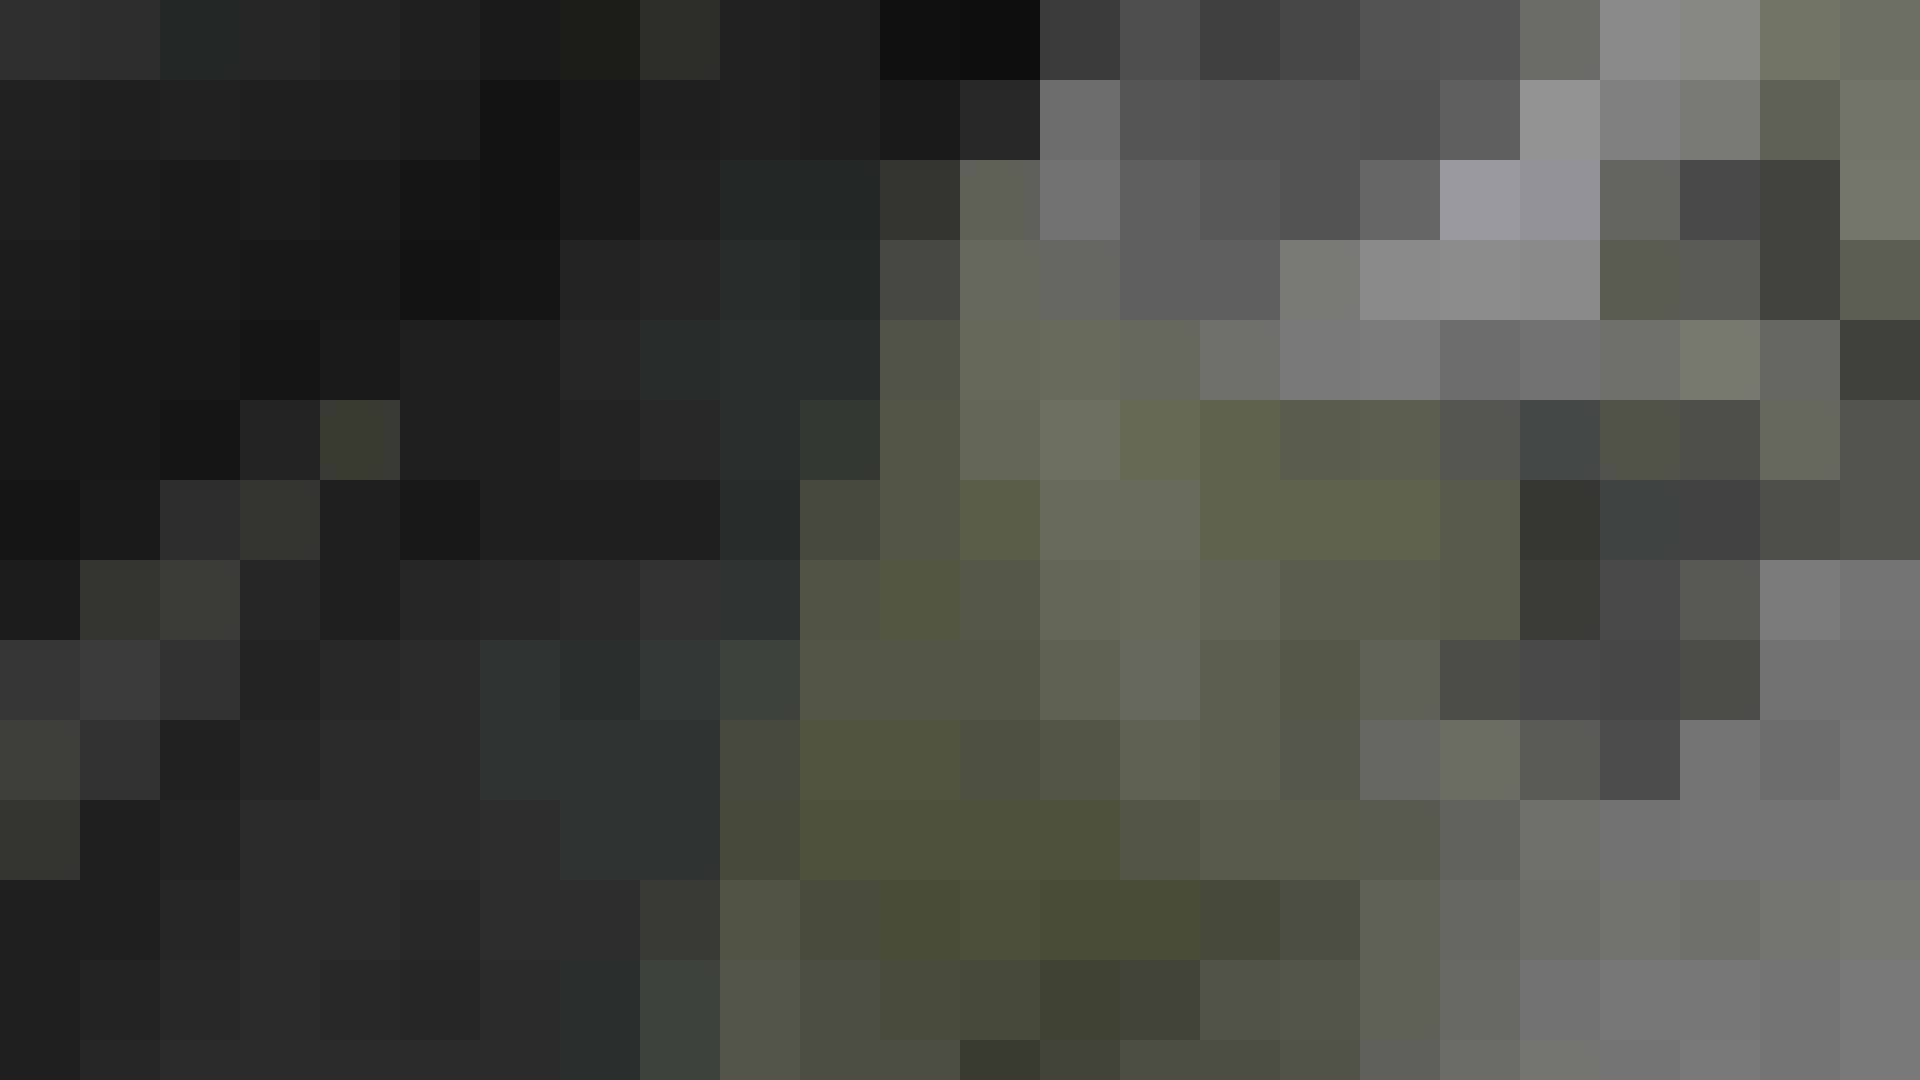 【美しき個室な世界】 vol.017 (゜∀゜) 洗面所  71PIX 8